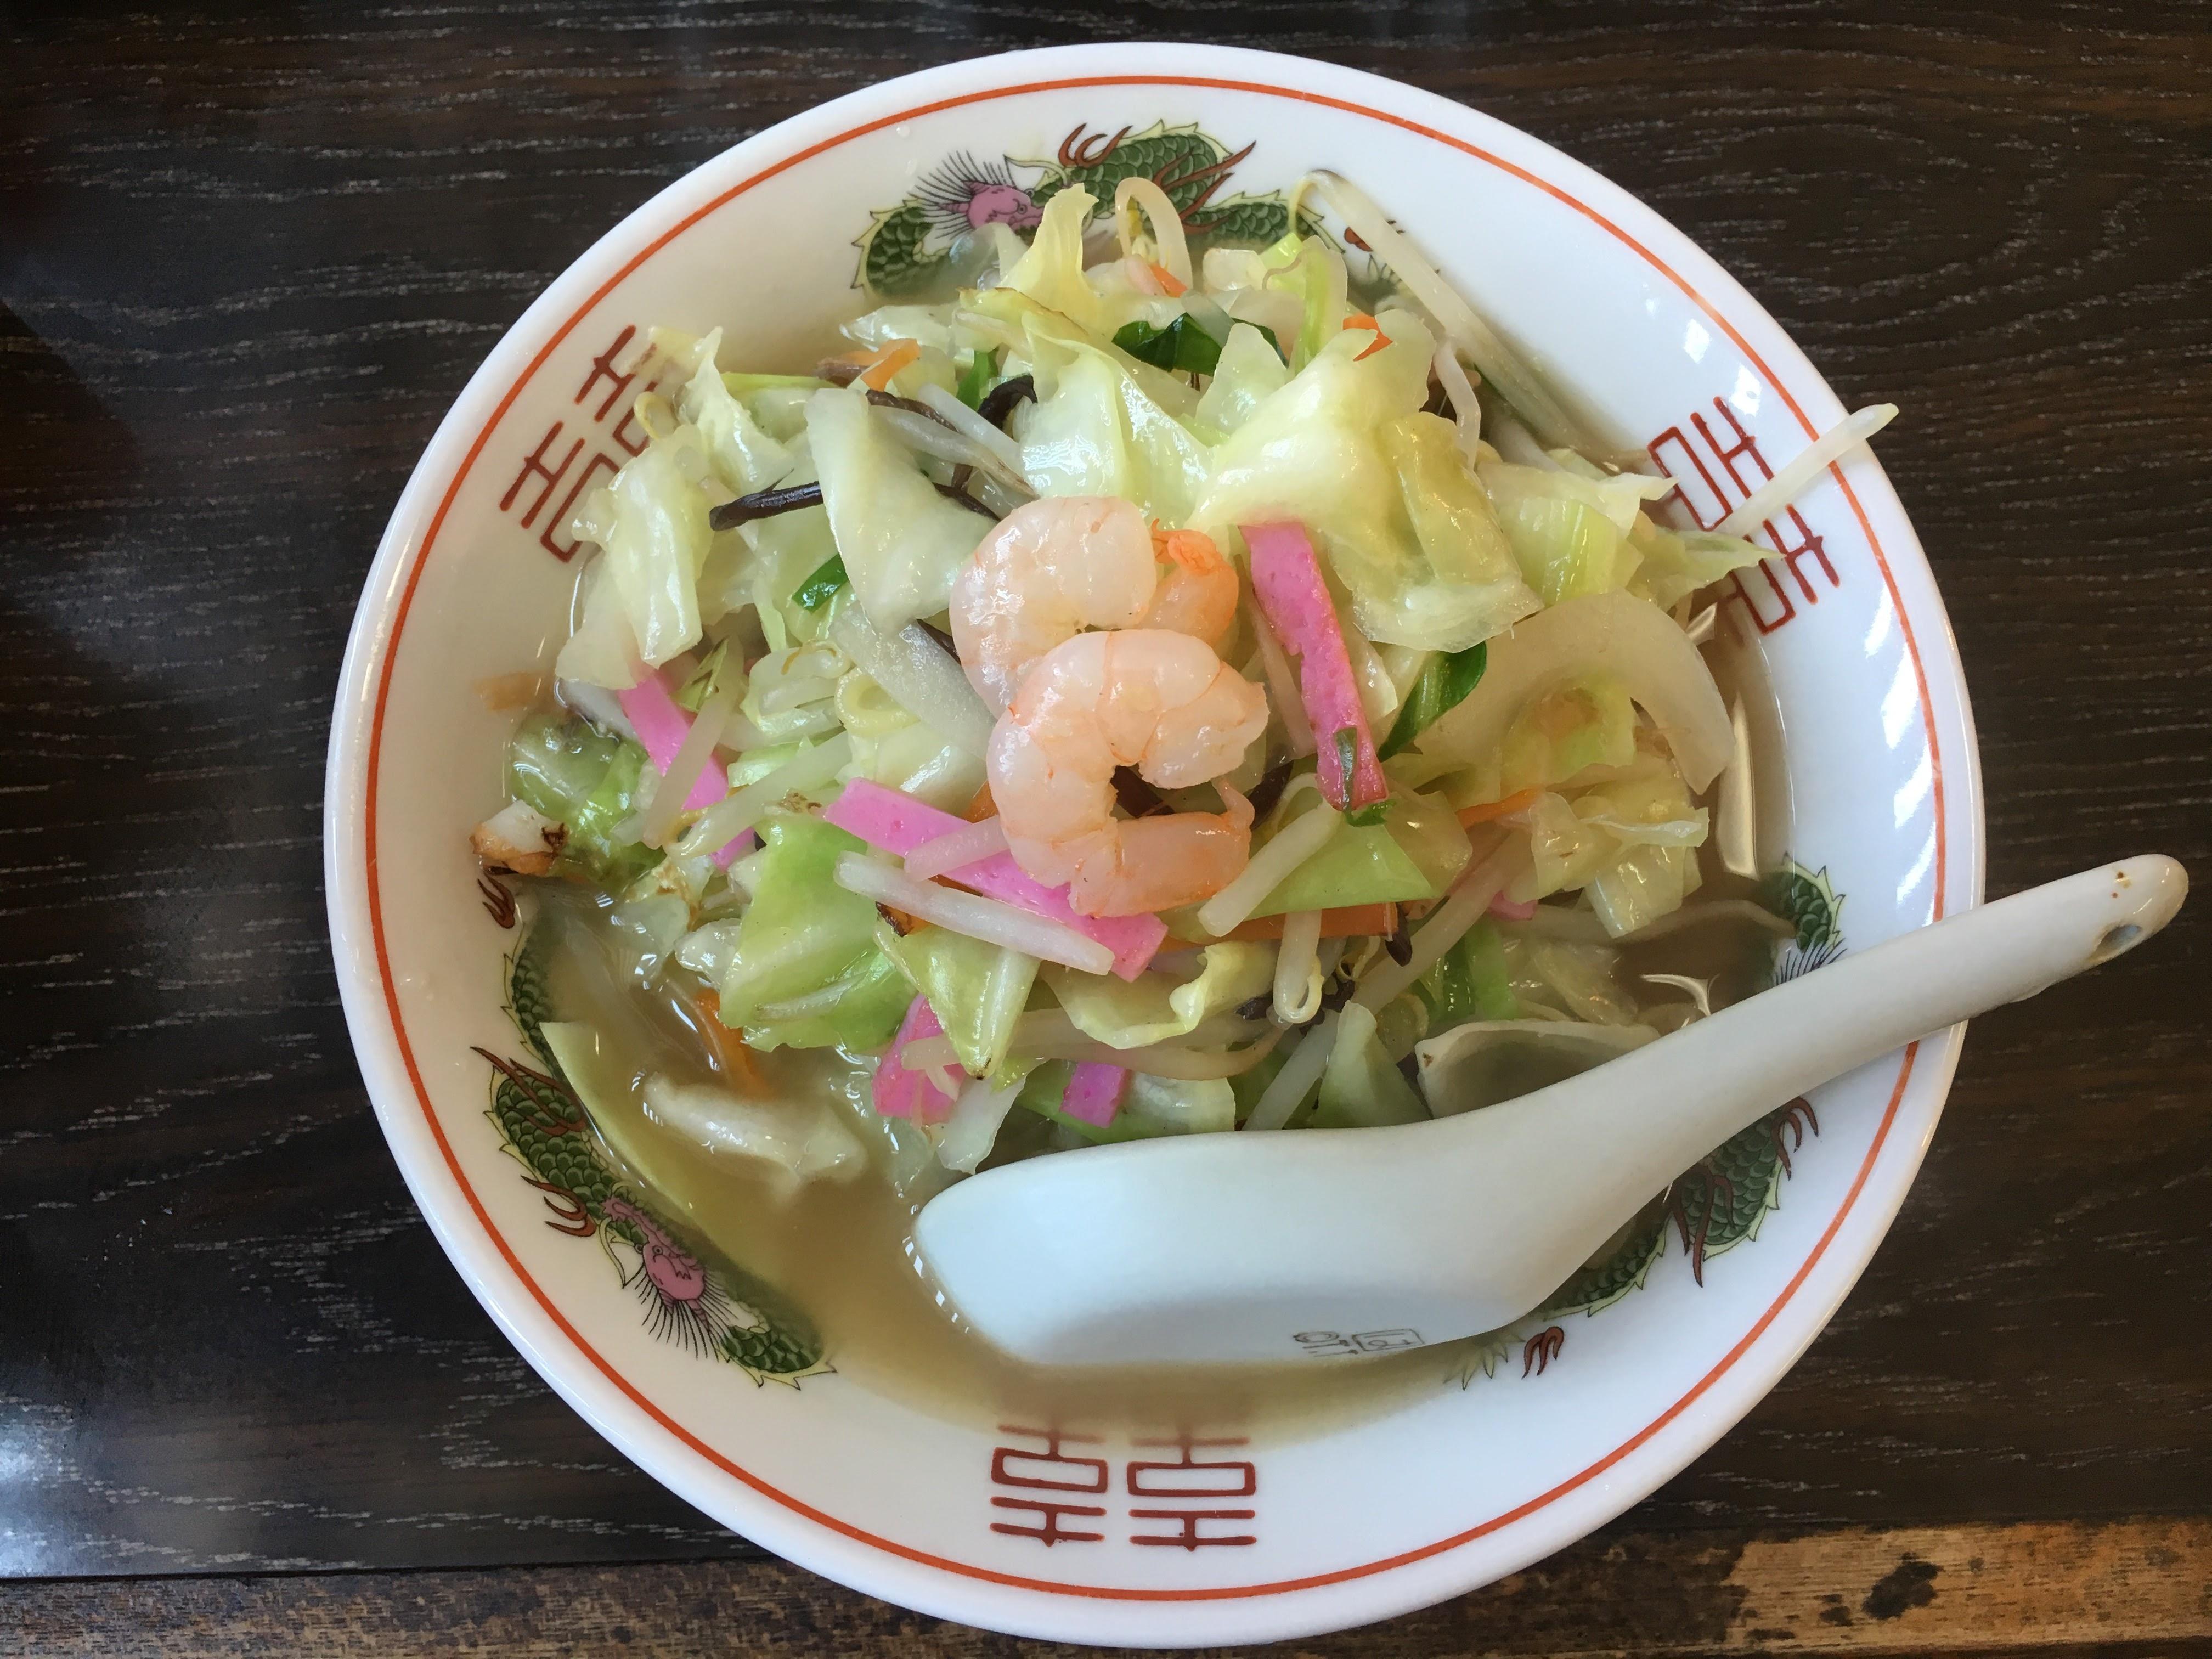 【しろやま食堂】上天草の3代続く「昭和の味のちゃんぽん」が自慢の定食屋